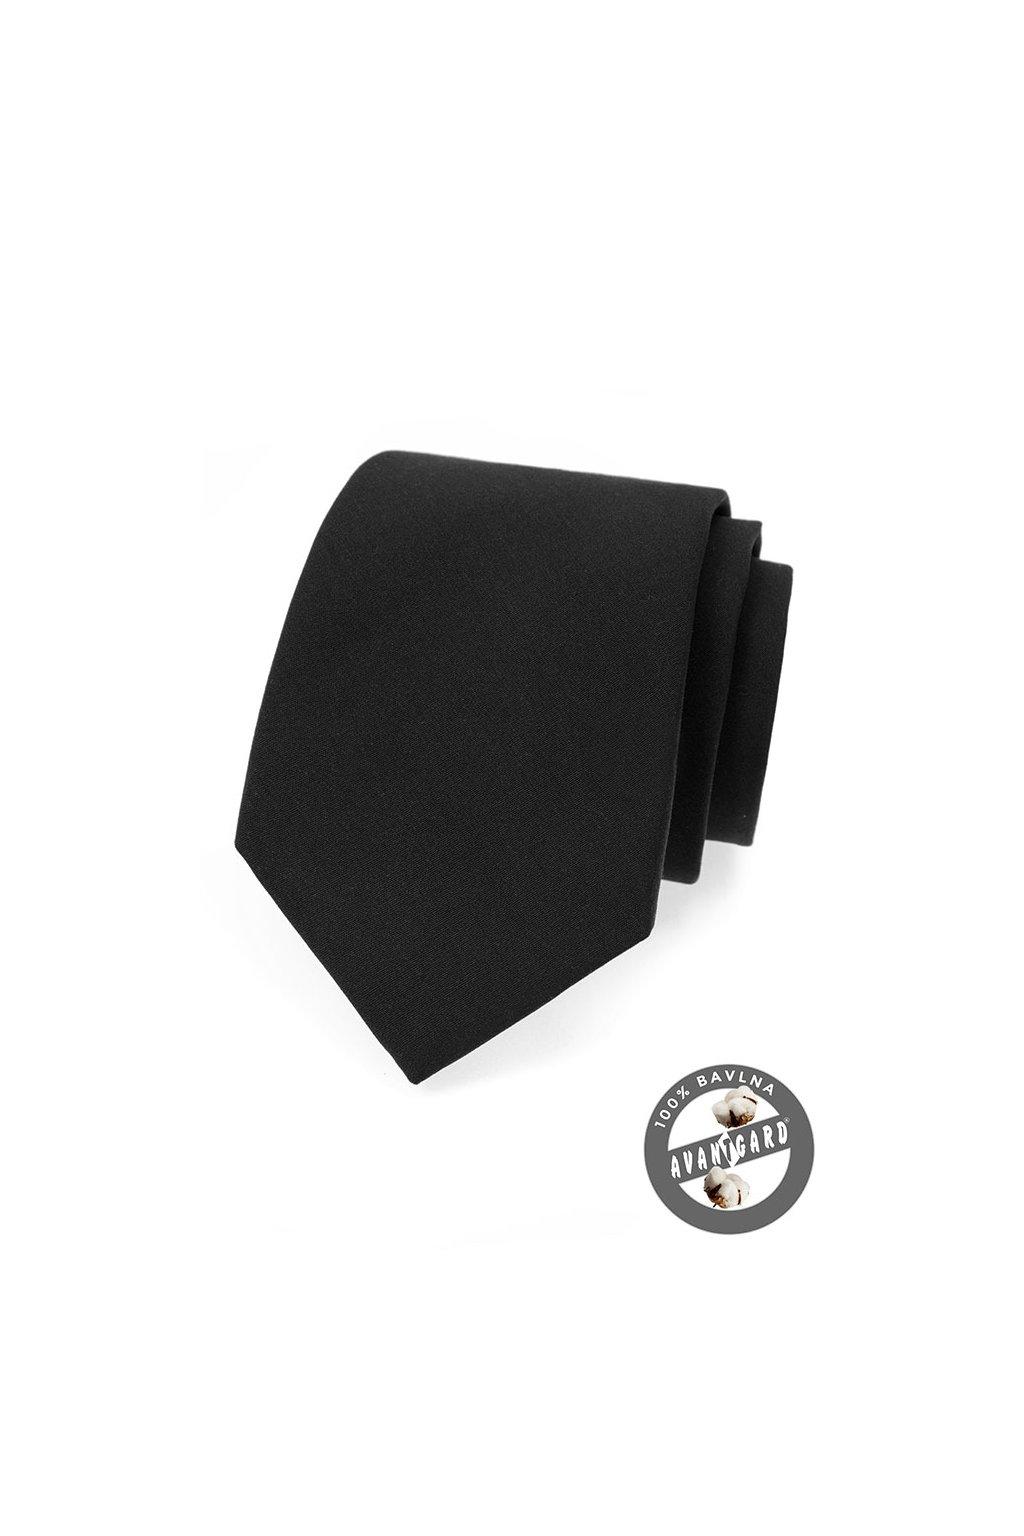 Kravata LUX bavlněná, 561-5009, Černá